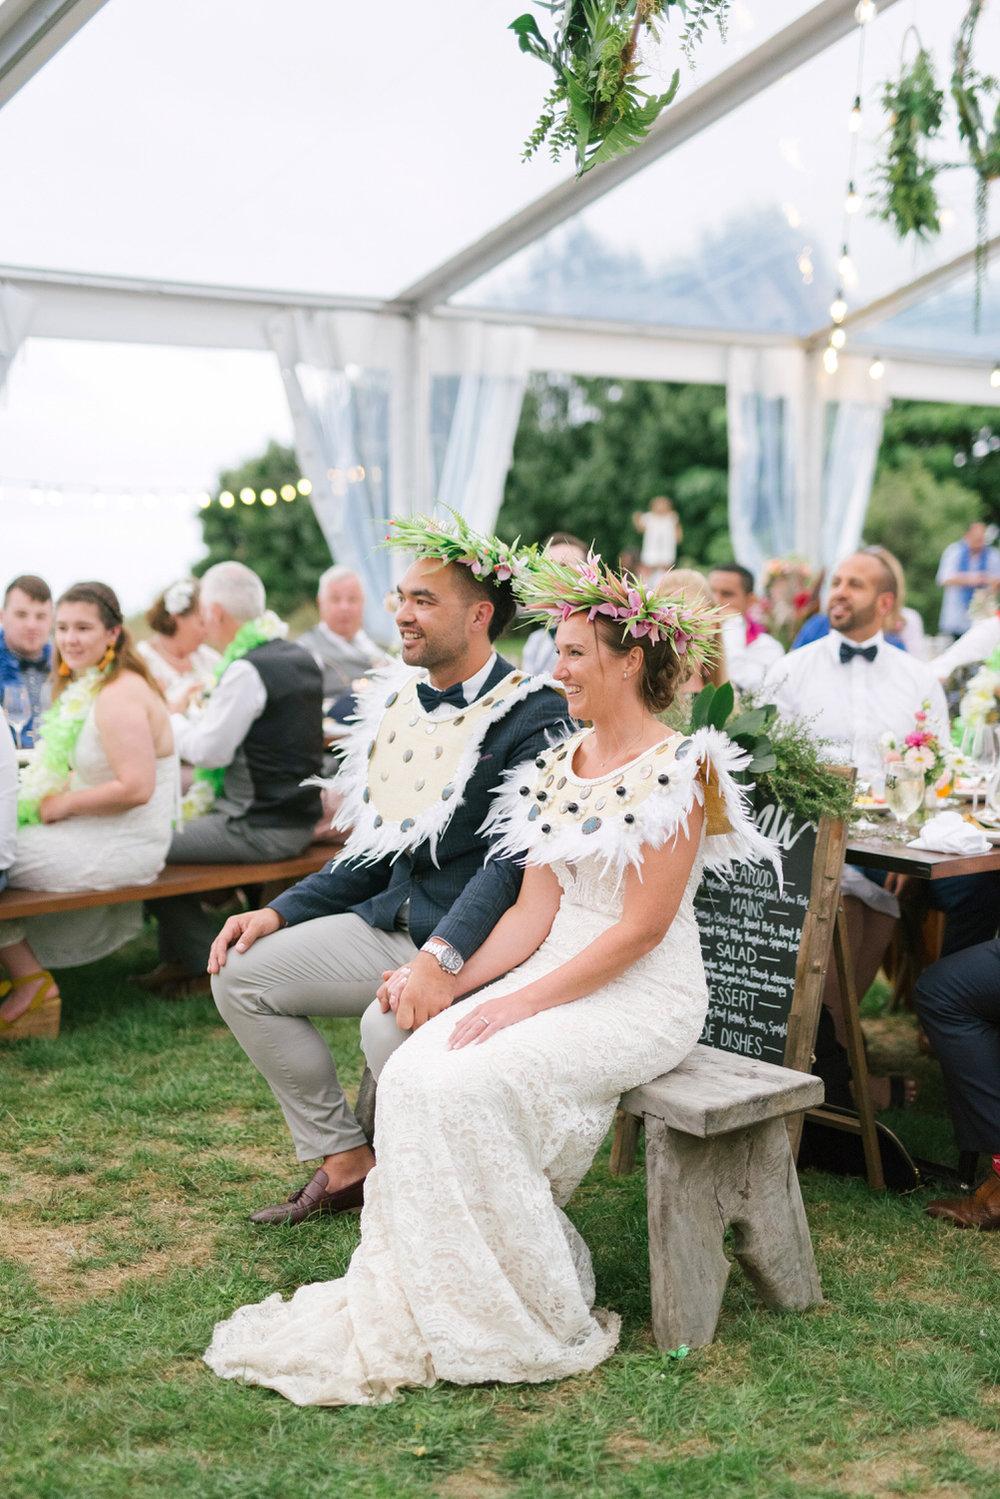 Bottega53©-new zealand wedding - lynsday&dillan-74.JPG